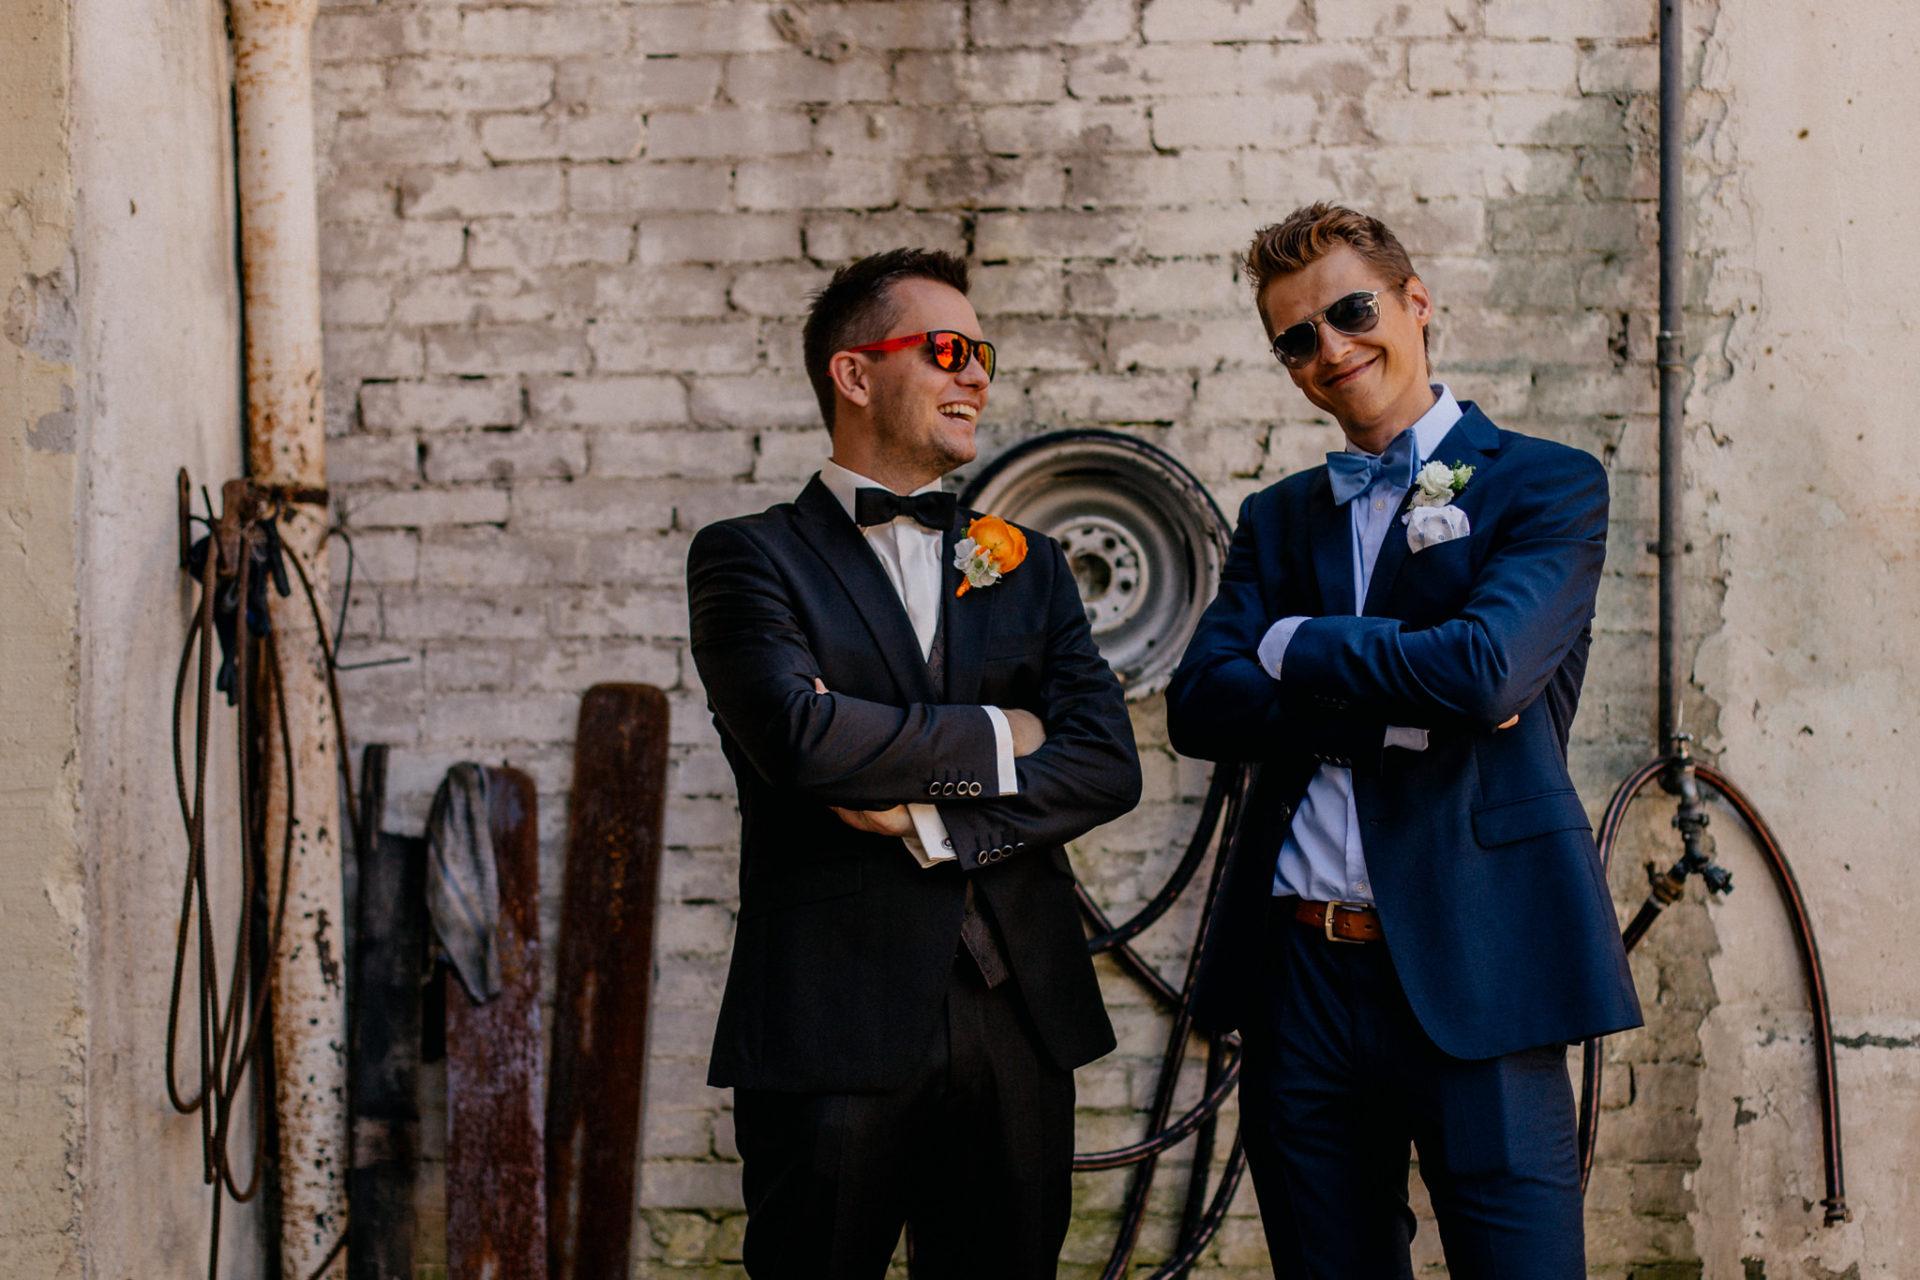 Weingut Fitz Ritter Hochzeitsfotograf-heiraten Pfalz-Sommerhochzeit Bräutigam und Trauzeuge Portrait